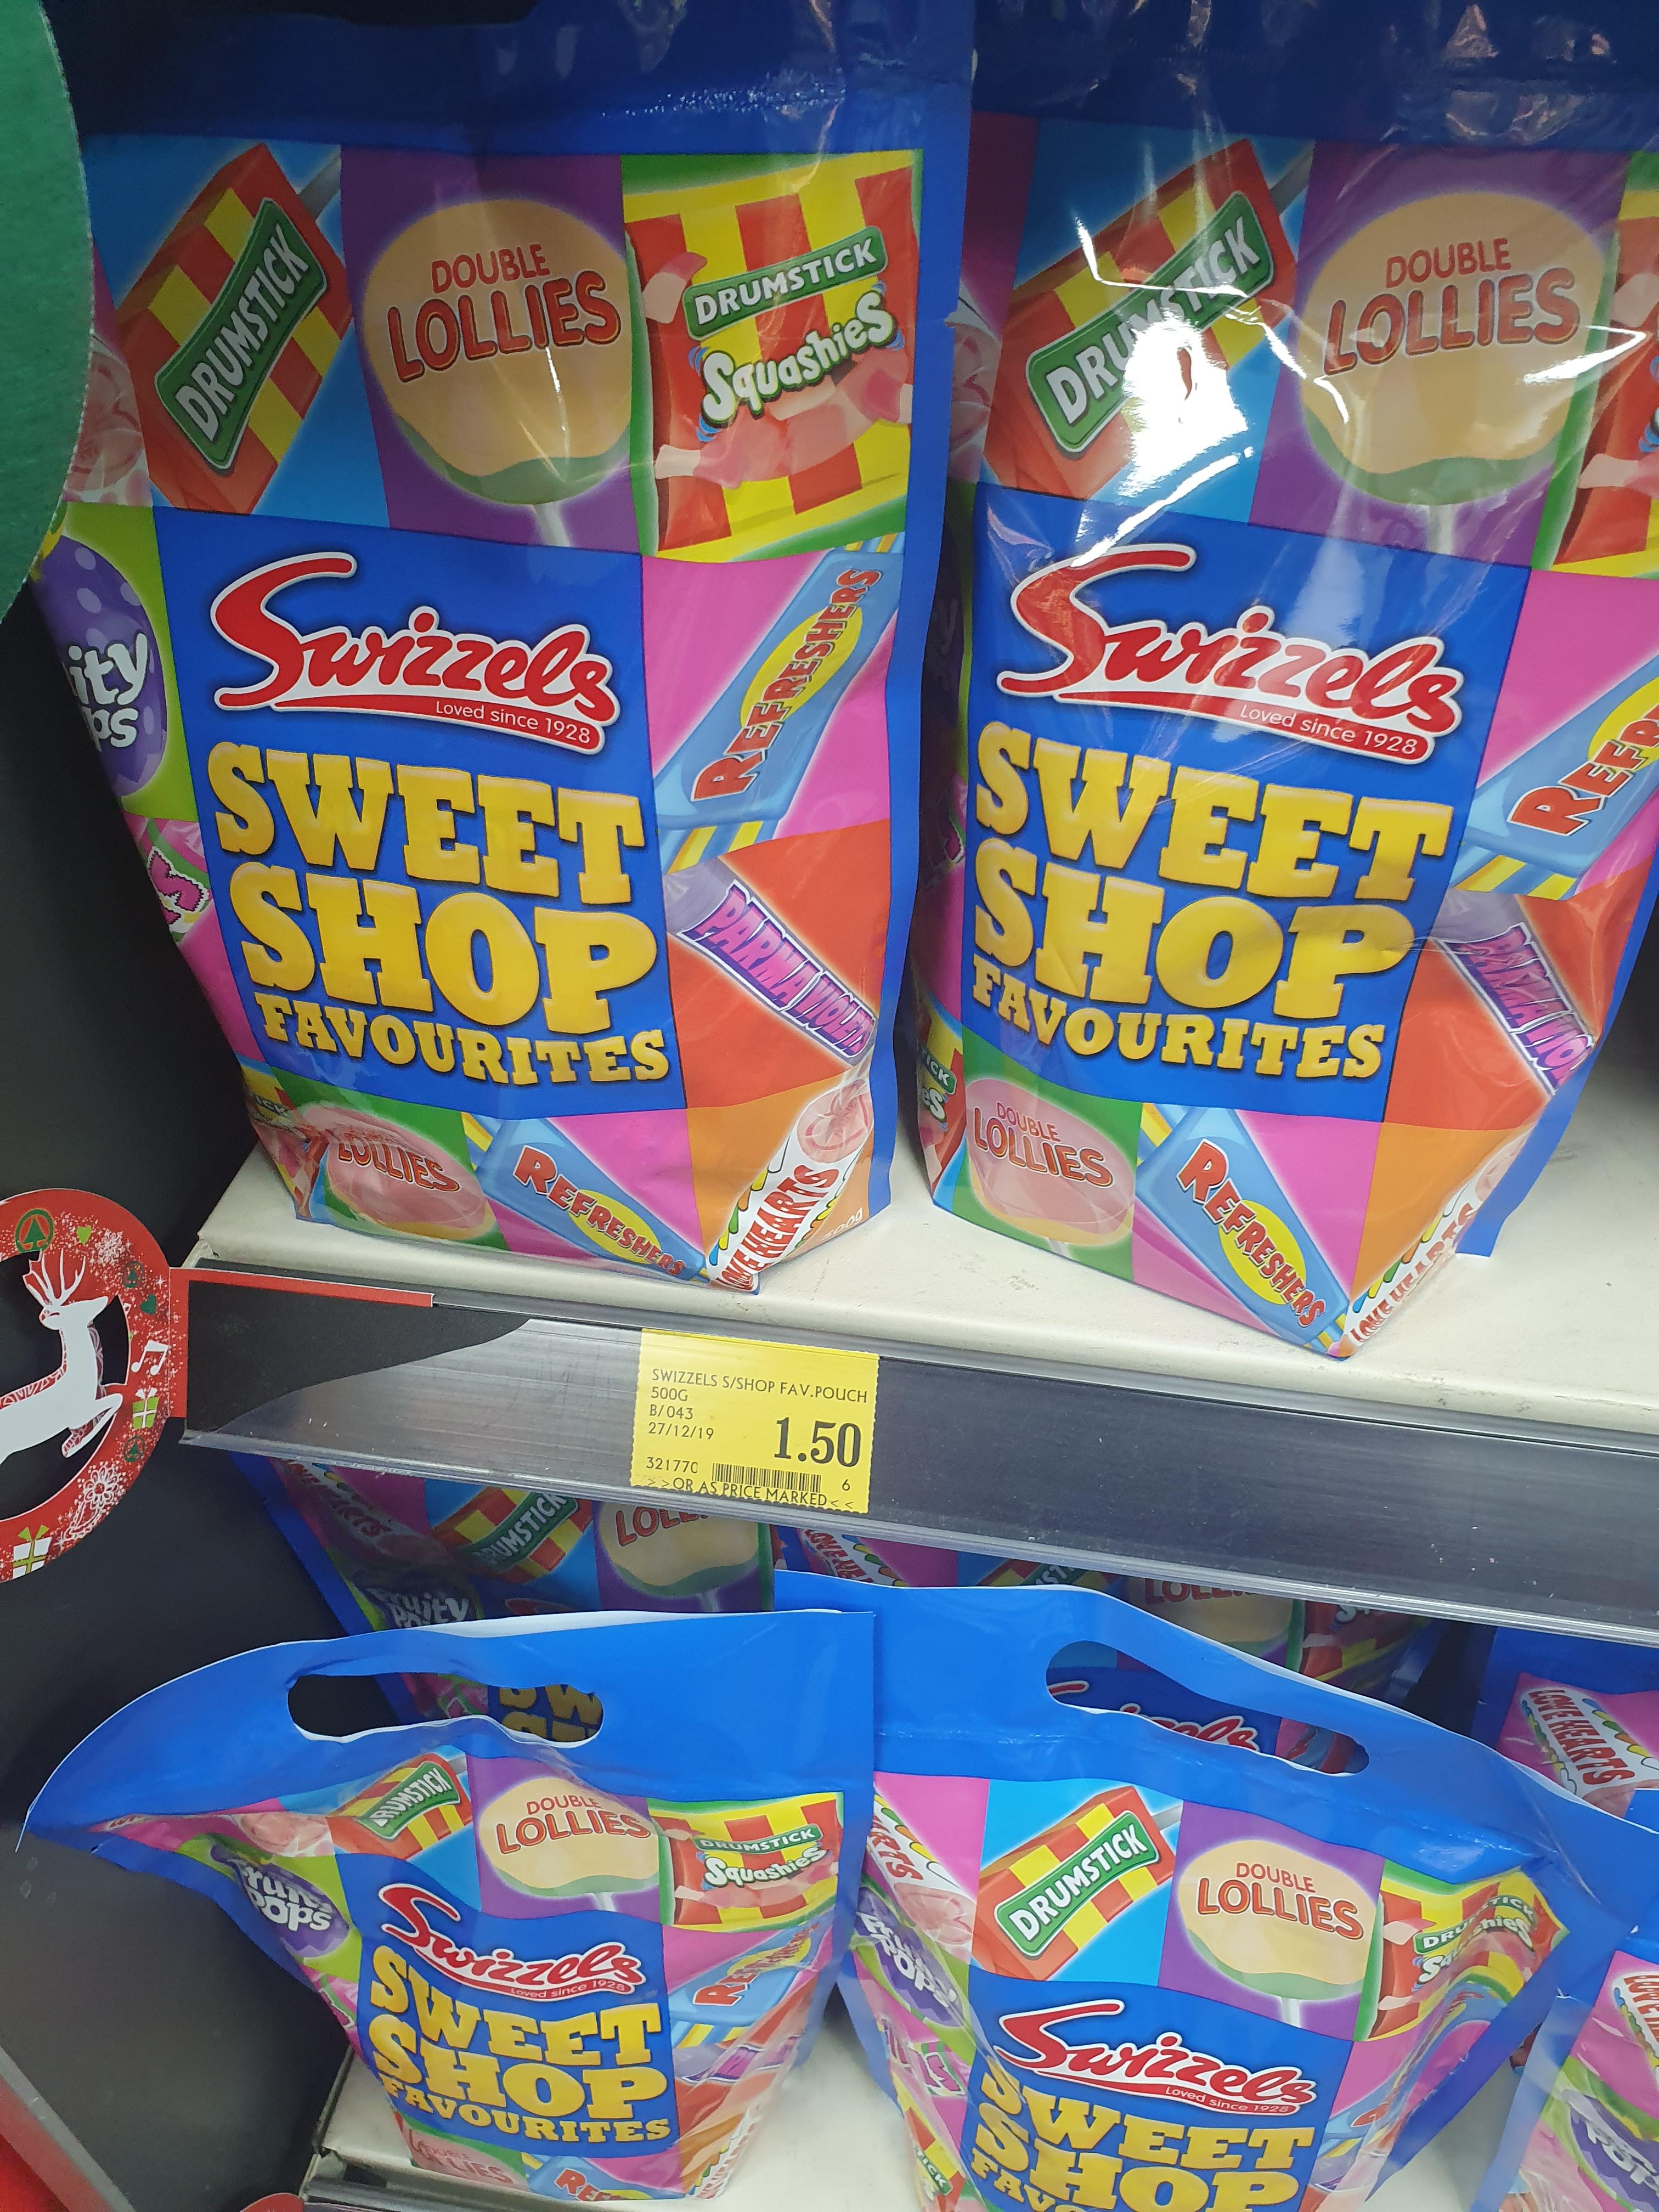 Swizzles Sweet Shop Favouites Pouch 500g £1.50 @ Spar Hagley